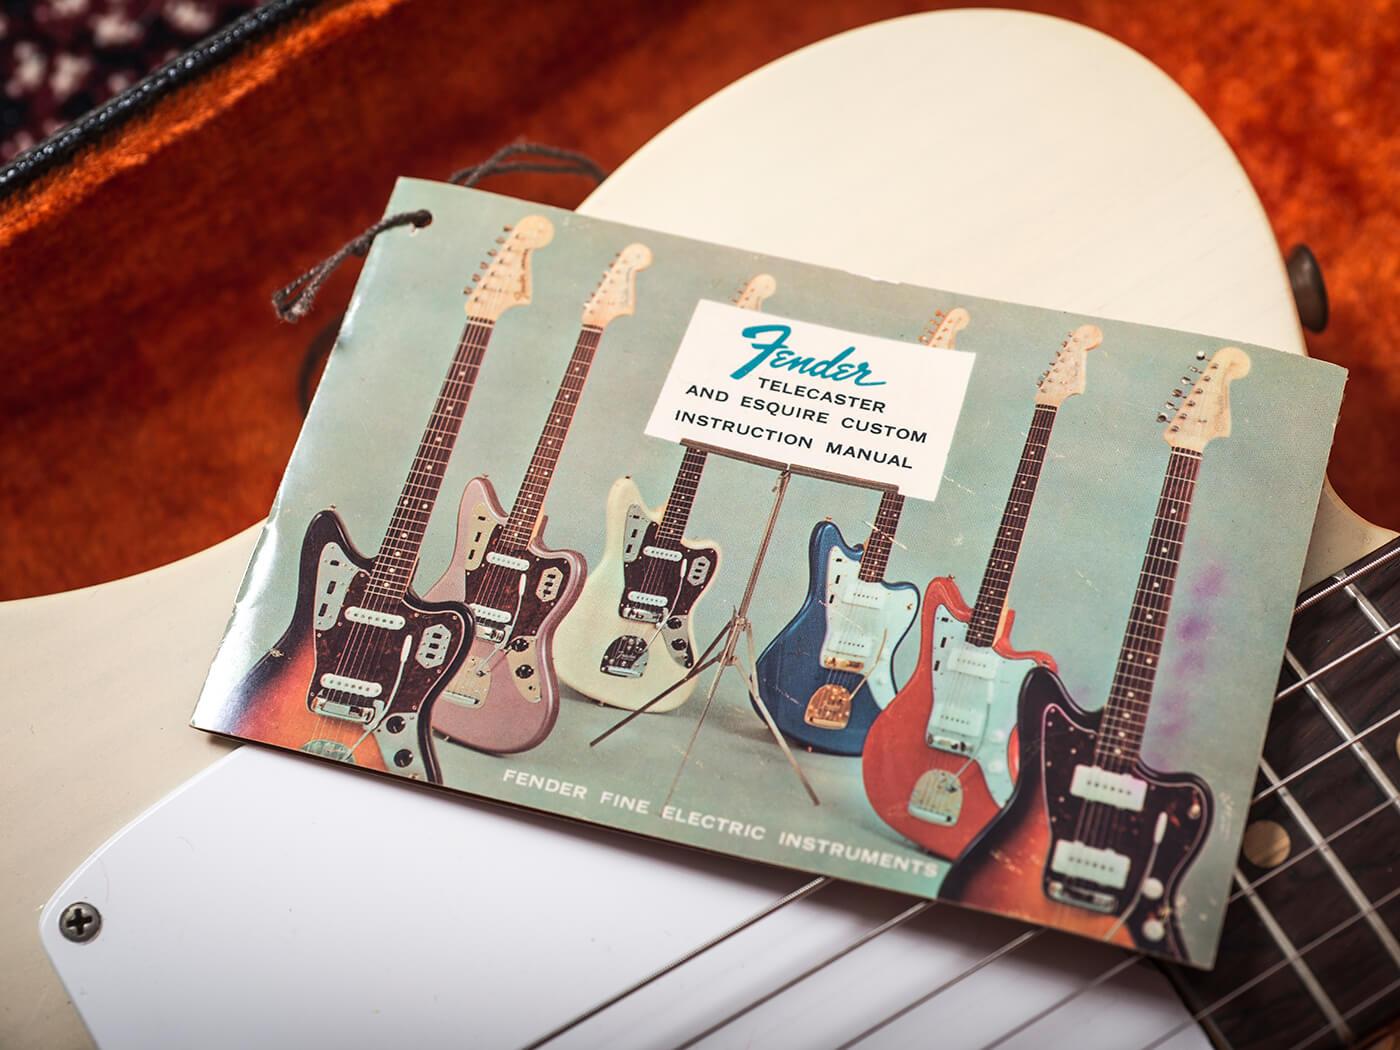 1963 Fender Esquire (Manual)